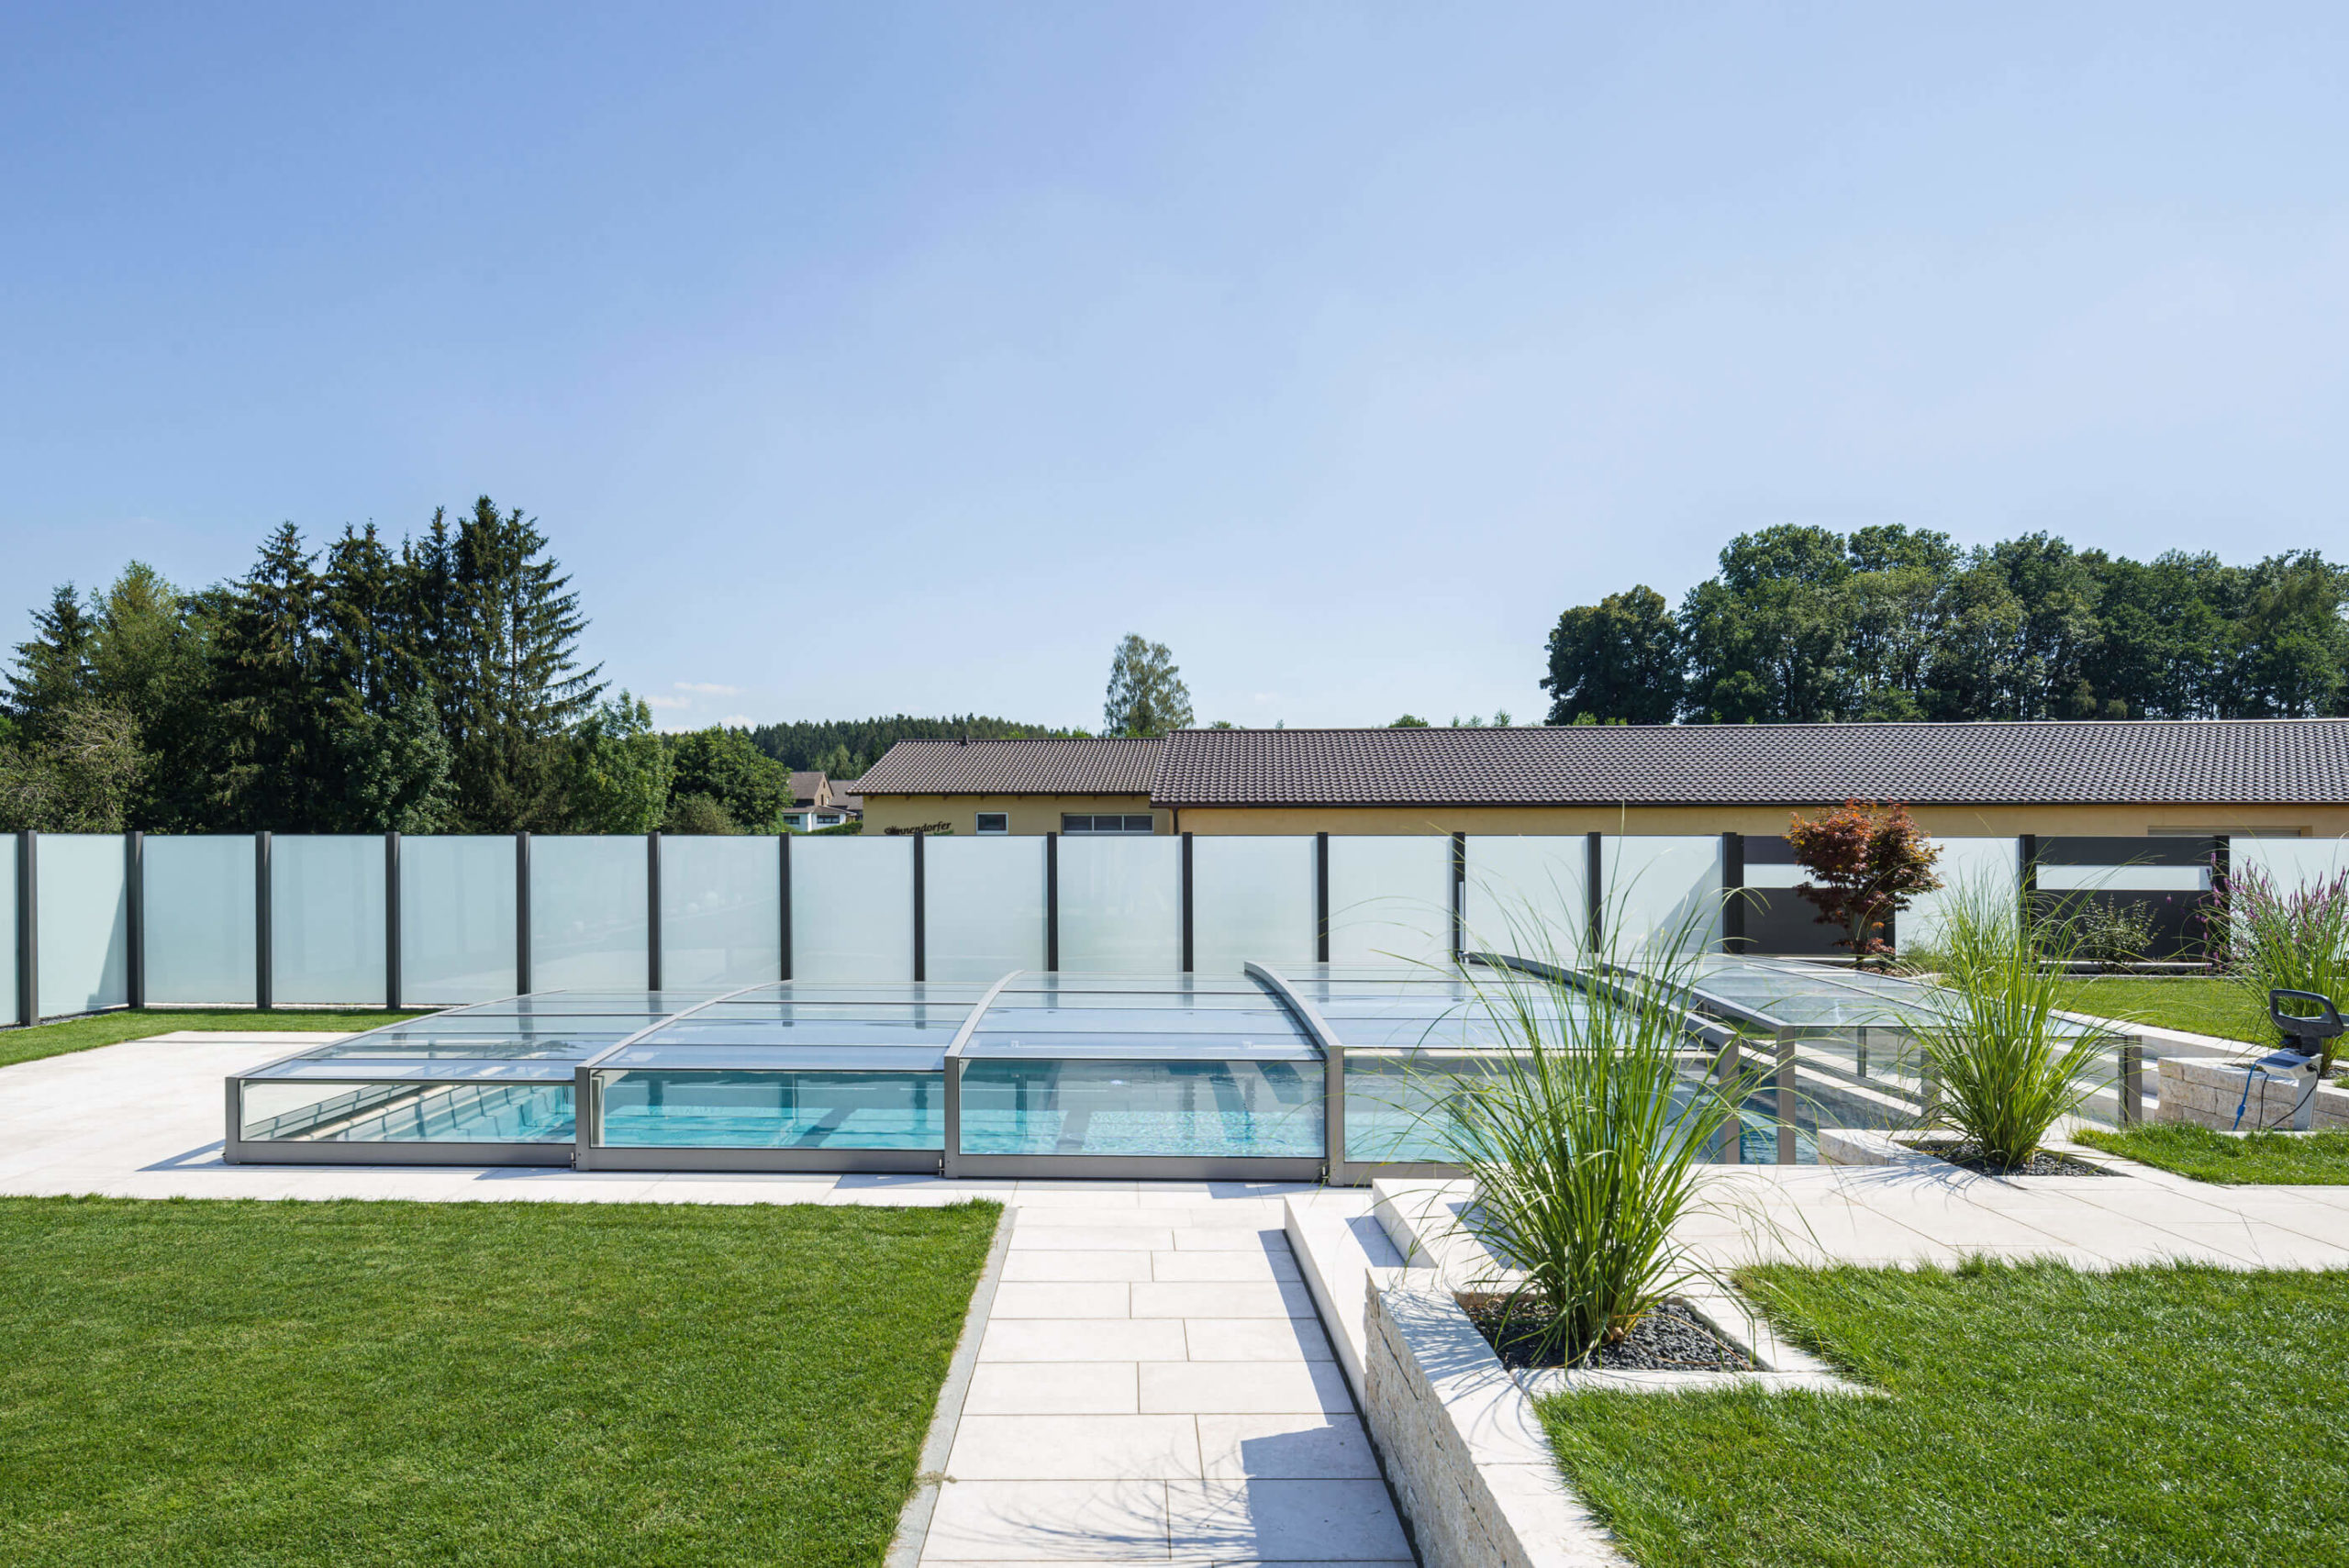 Moderner Gartenpool mit Glasüberdachung und Aluzaun Nizza